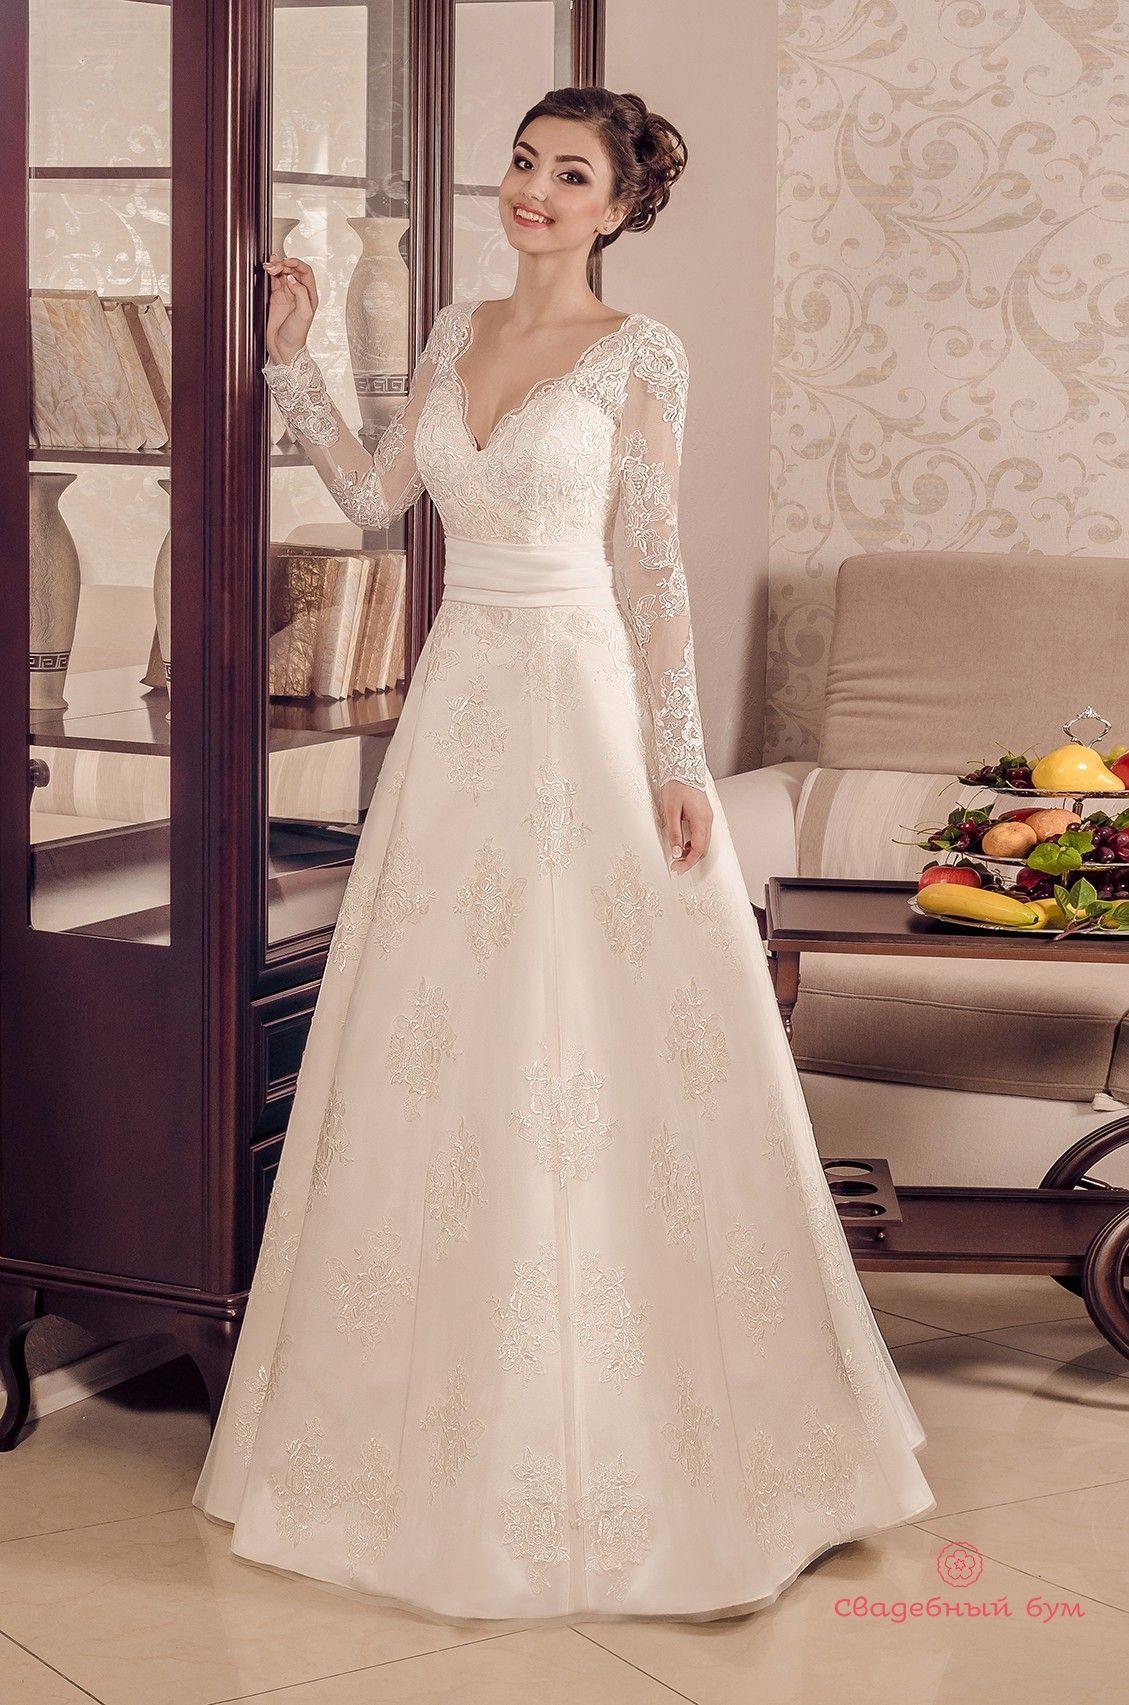 f57316b8af Suknia ślubna Lady Vlady 2158 - Sklep internetowy sukien ślubnych i  wieczorowych…